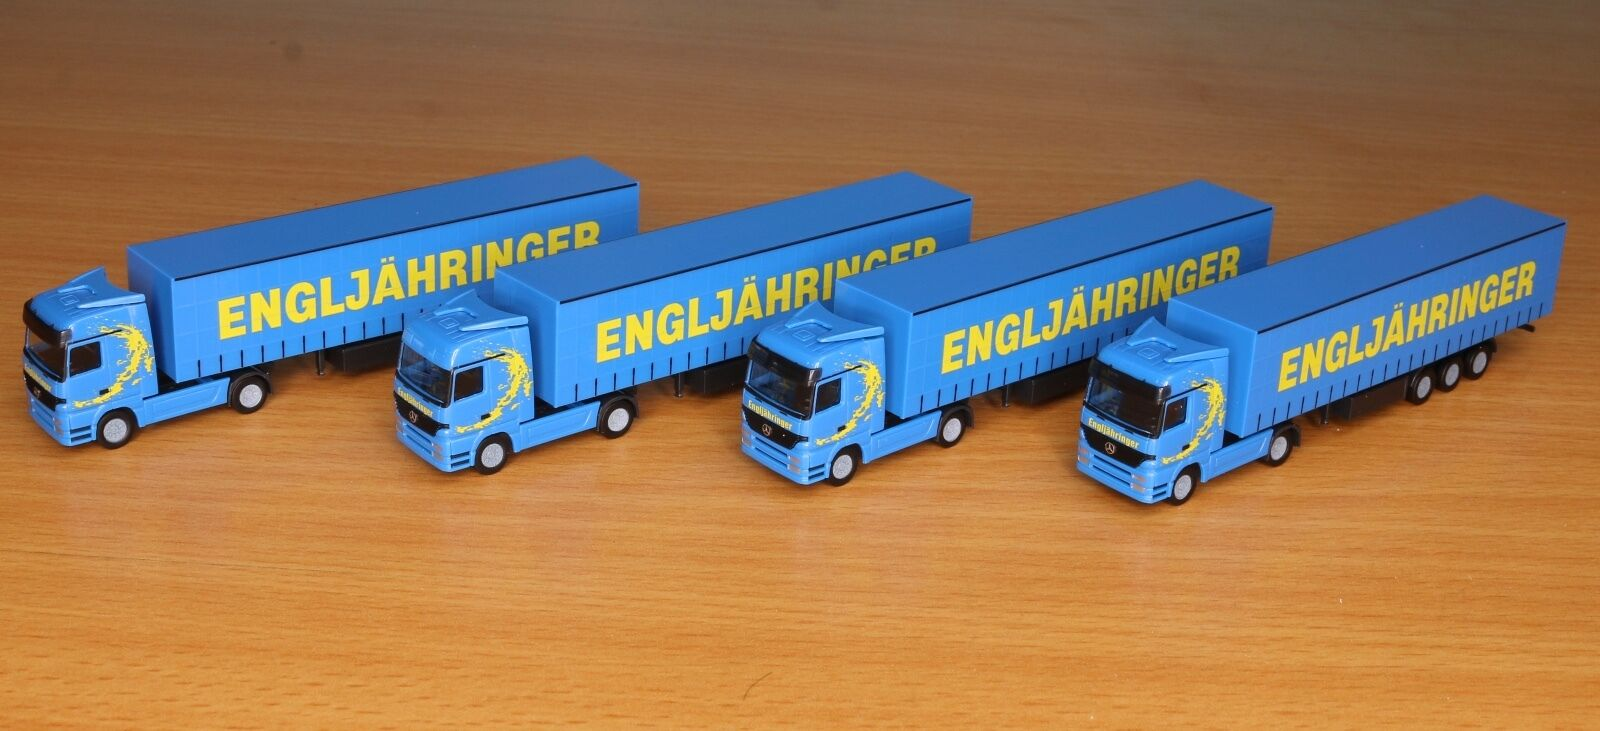 Herpa 066150, Piste N, camions-Paquet Transporteur engljähringer, 4 pièces